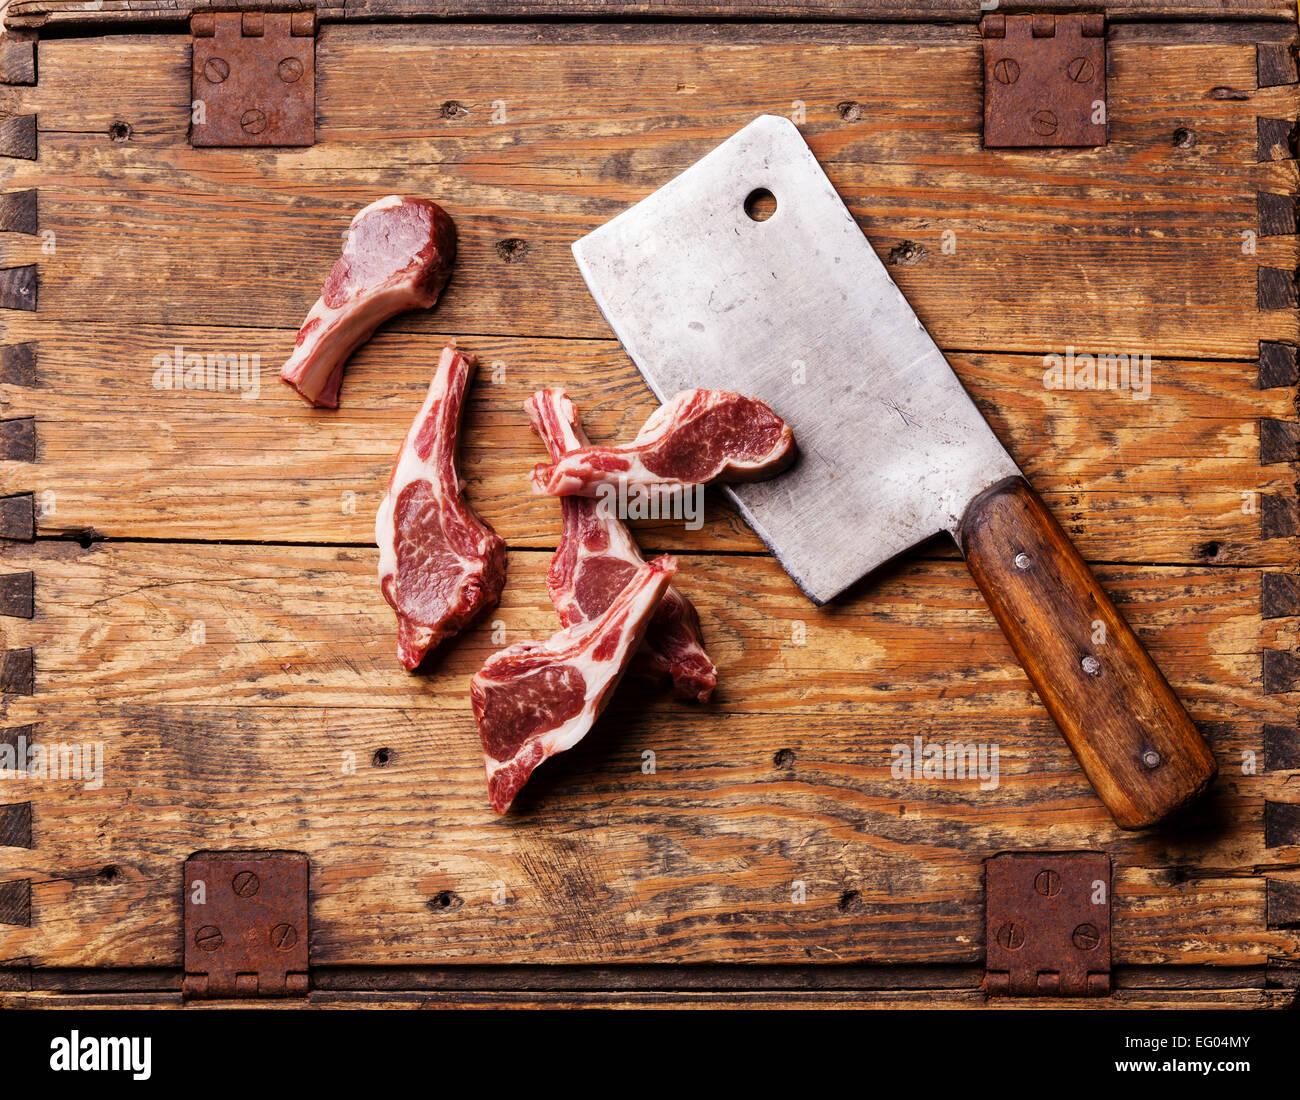 Rohes, frisches Lamm Rippen und Fleischerbeil auf hölzernen Hintergrund Stockbild